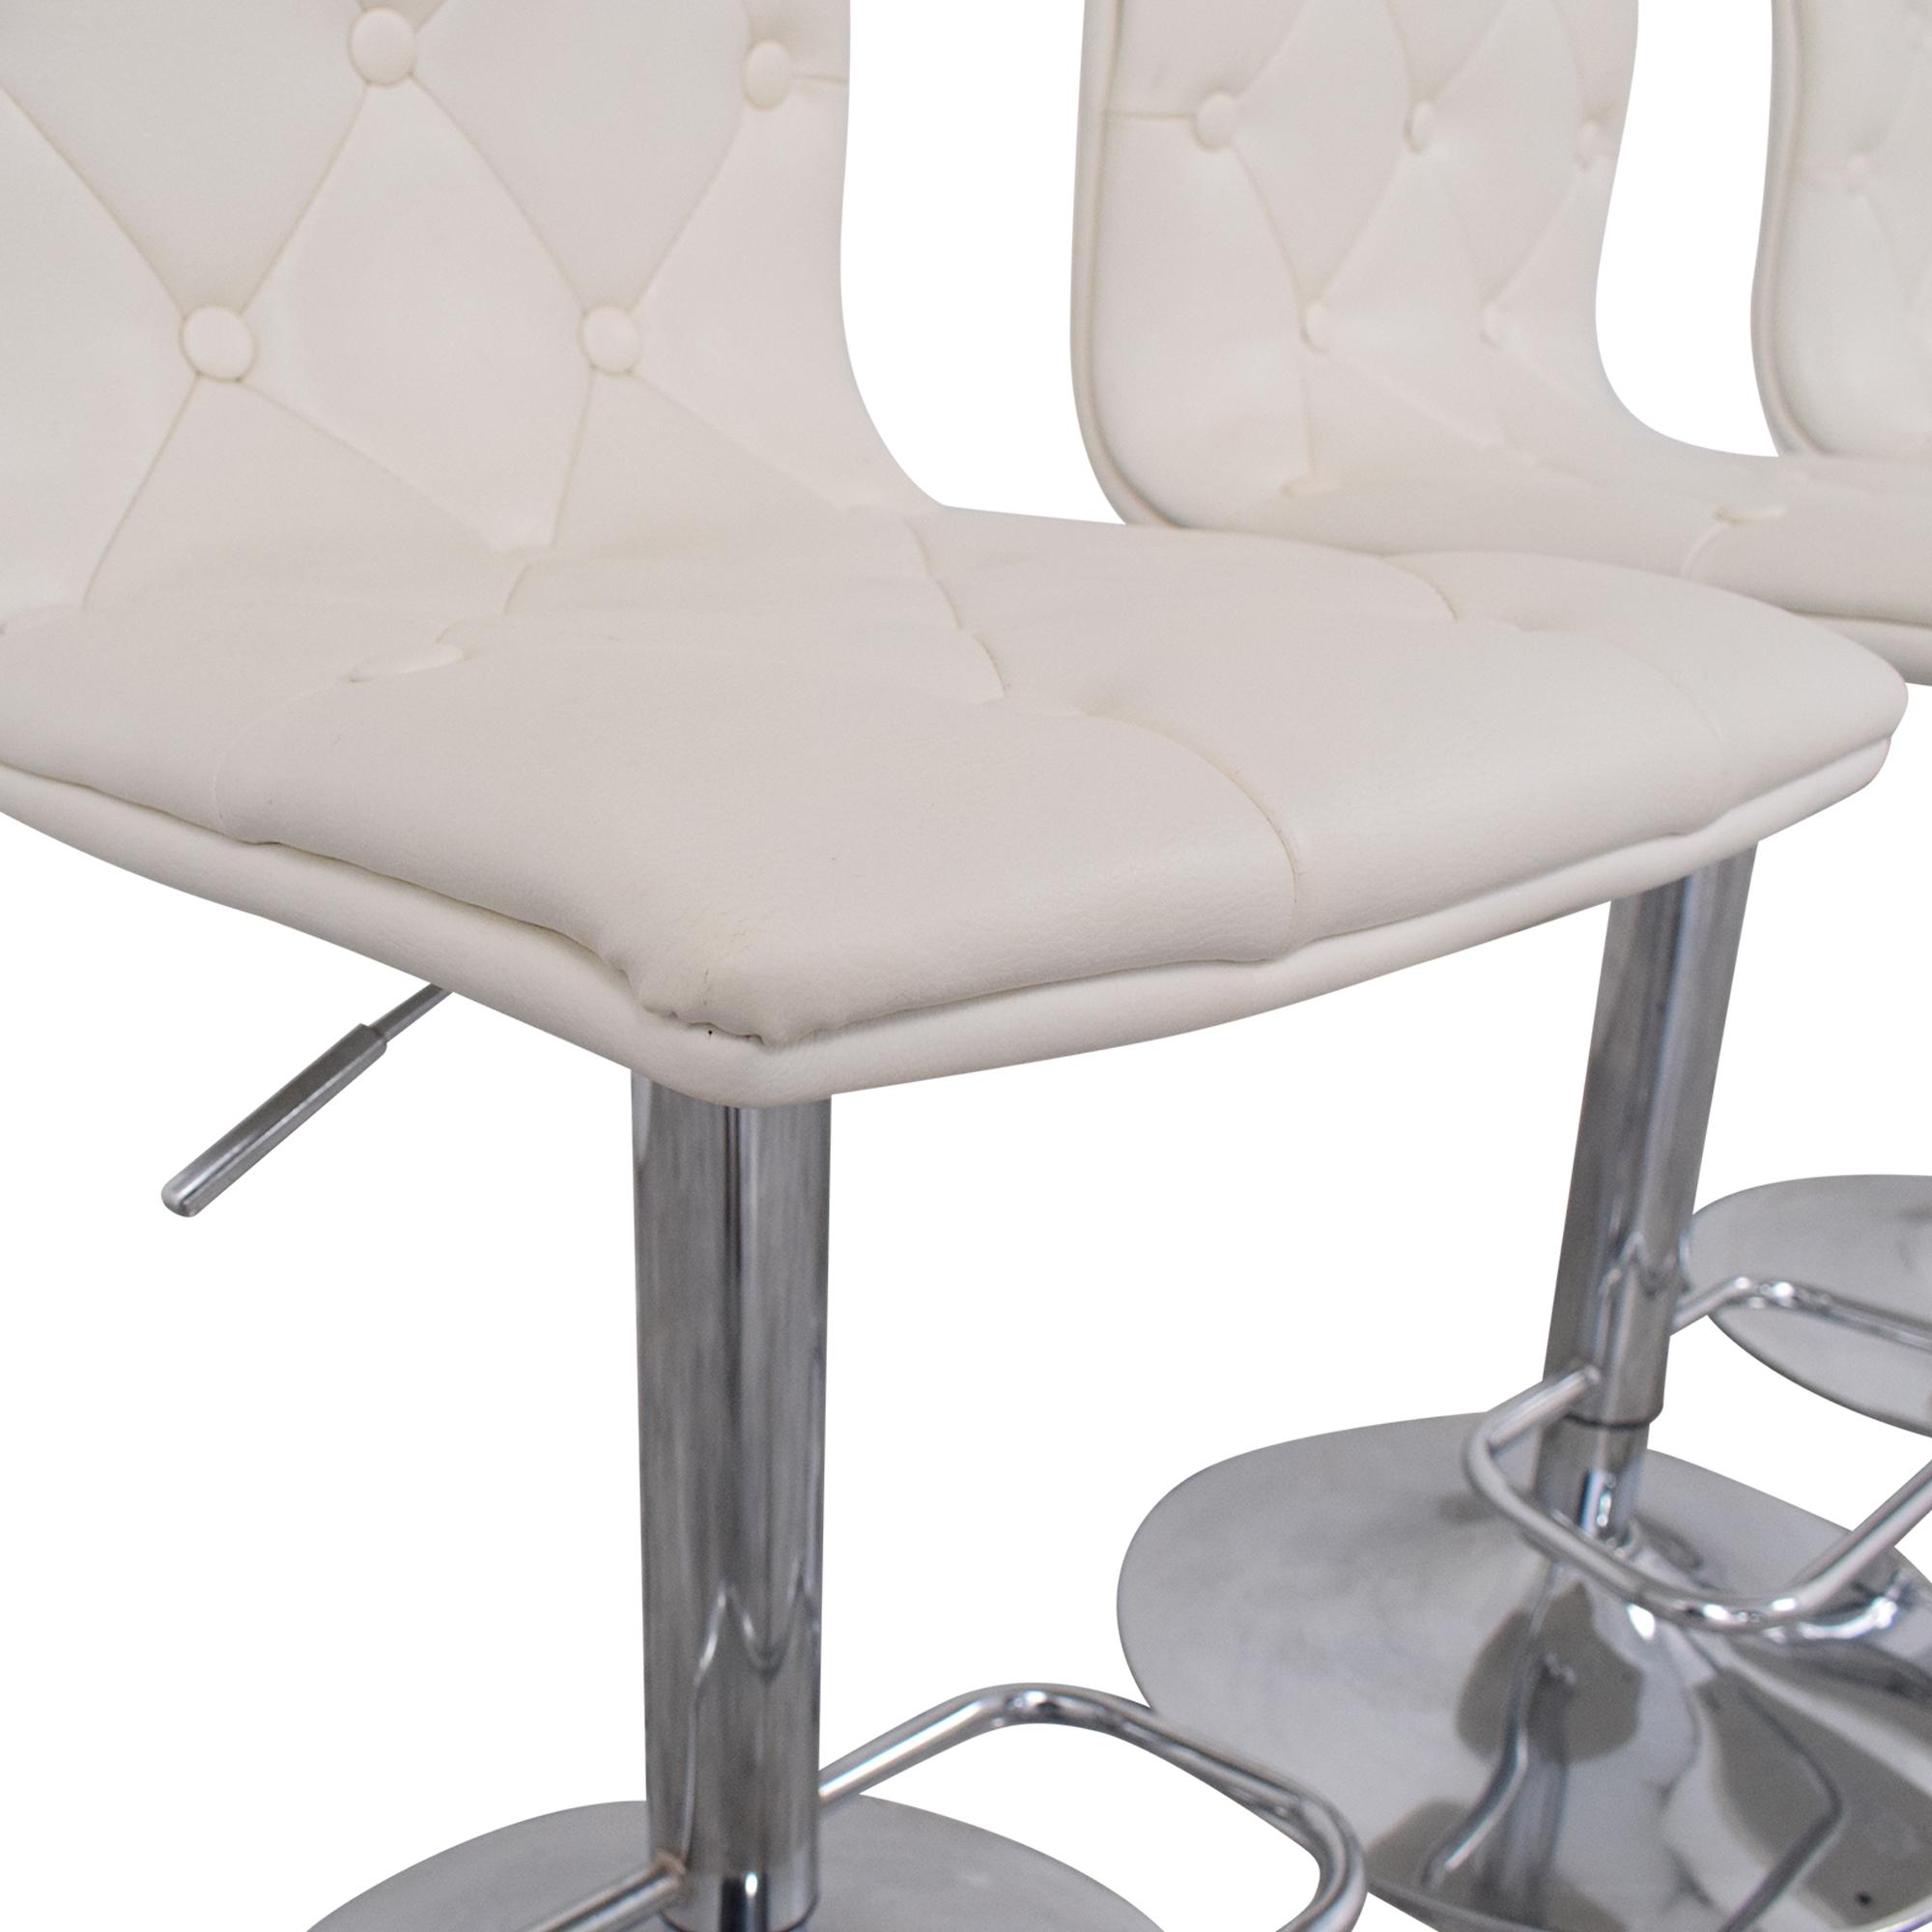 shop Belnick Tufted Adjustable Bar Stools Belnick Chairs